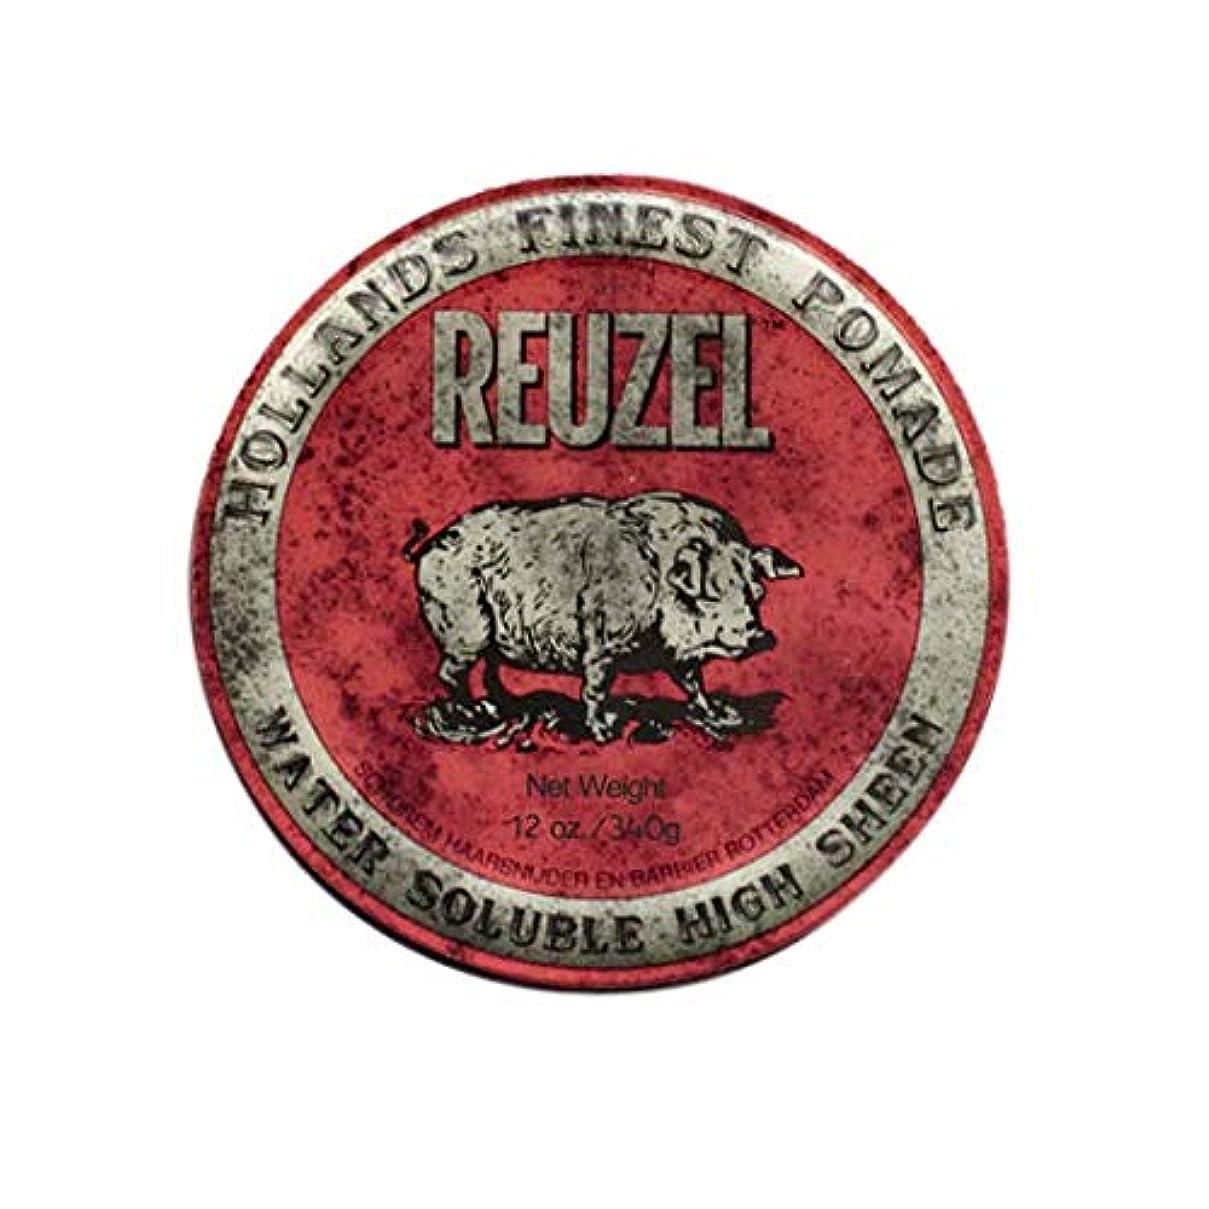 飢饉の間に思想ルーゾー(REUZEL) ミディアムホールド レッド HIGH SHINE 340g